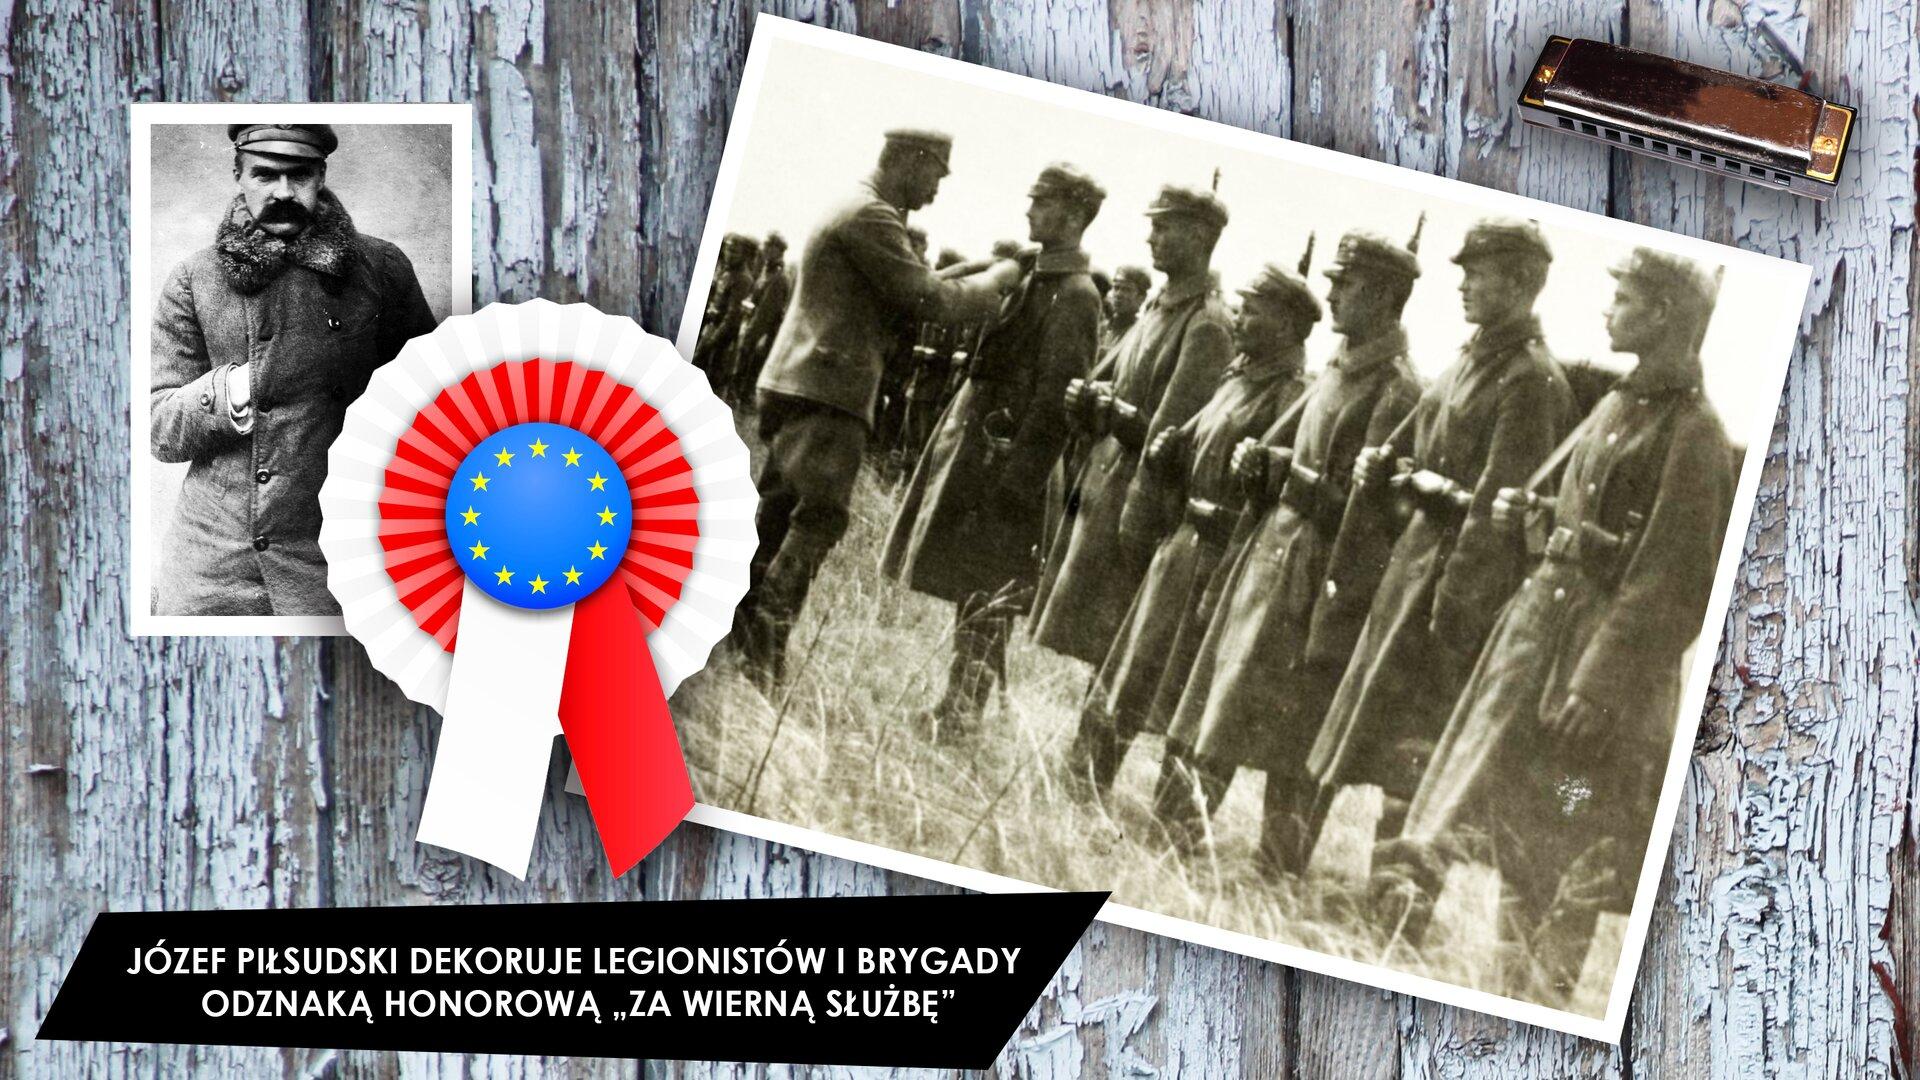 """Na ekranie widzimy szarą drewnianą podłogę, na której znajdują się dwie czarno-białe fotografie. Jedna znich przedstawia mężczyznę stojącego przodem. Ma gruby, długi płaszcz zapinany na guziki przyszyte wdwóch rzędach oraz długie wąsy. Na drugim zdjęciu widać żołnierzy stojących na baczność wrzędzie. Dekoruje ich Józef Piłsudski. Pomiędzy zdjęciami znajduje się biało-czerwona rozeta, aobok zdjęcia, po prawej stronie – organki ustne. Na dole, wczarnym prostokącie, jest biały napis otreści: """"JÓZEF POŁSUDSKI DEKORUJE LEGIONISTÓW IBRYGADY ODZNAKĄ HONOROWĄ »ZA WIERNĄ SŁUŻBĘ«""""."""